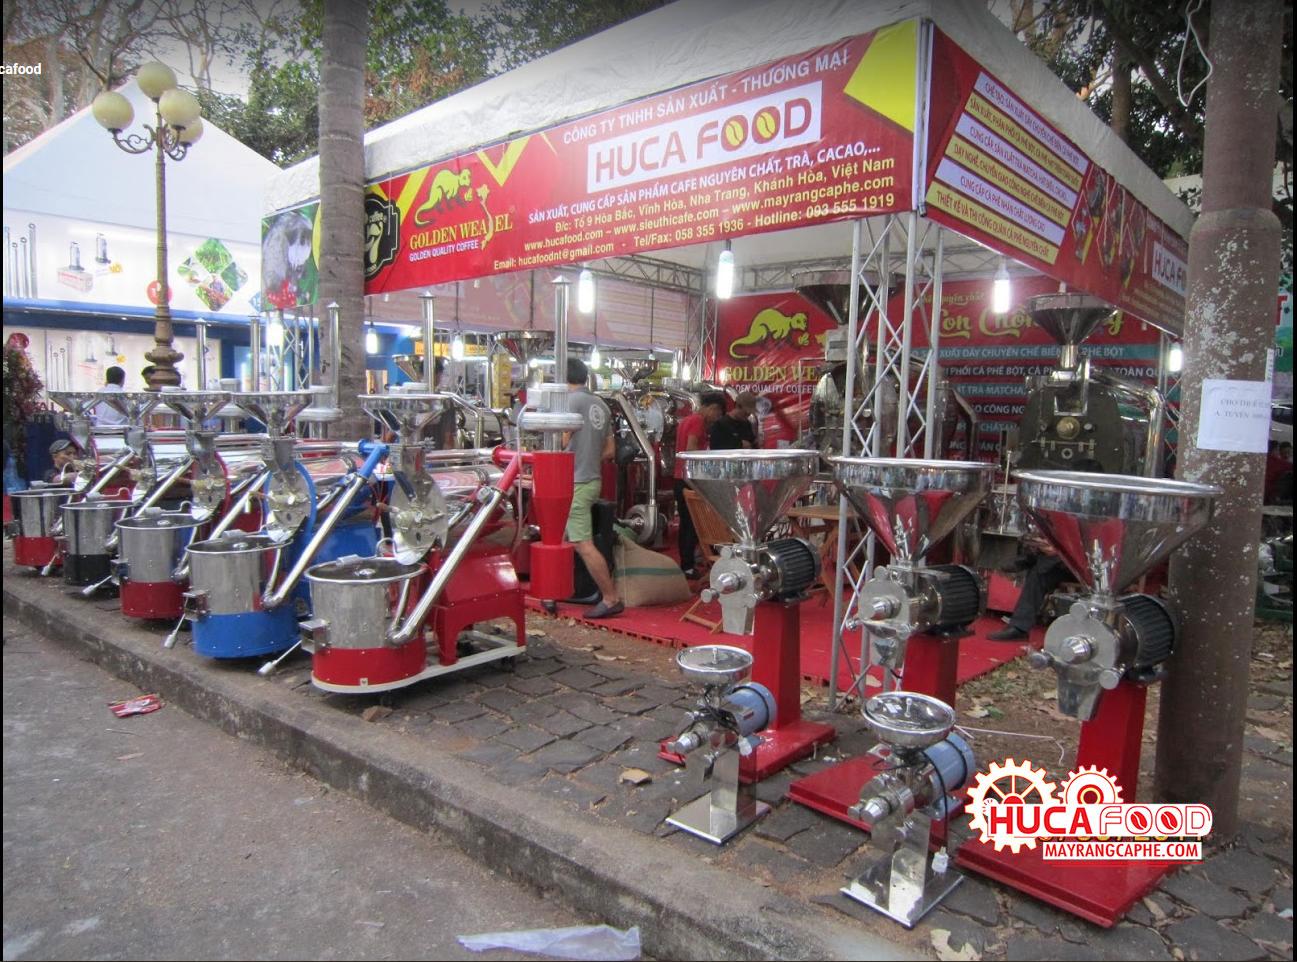 Lễ hội cà phê của công ty Huca Food